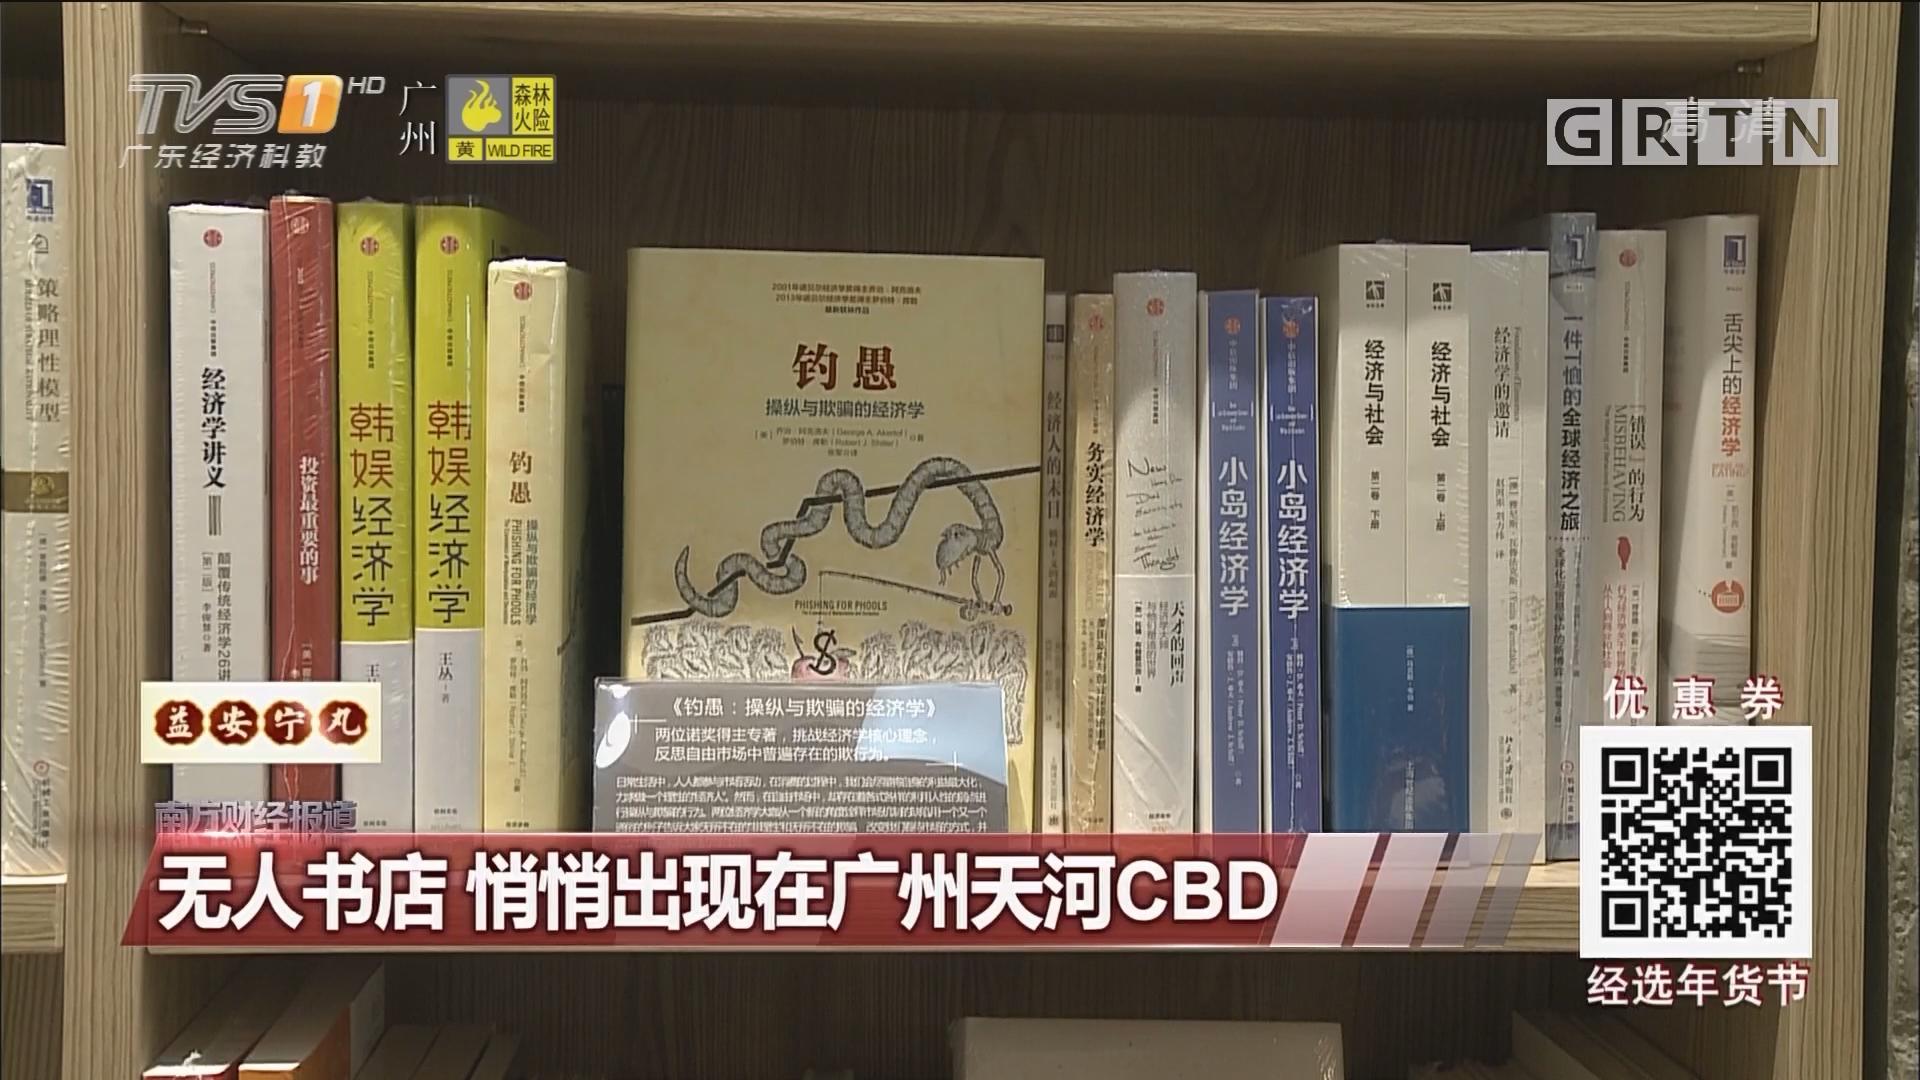 无人书店 悄悄出现在广东天河CBD